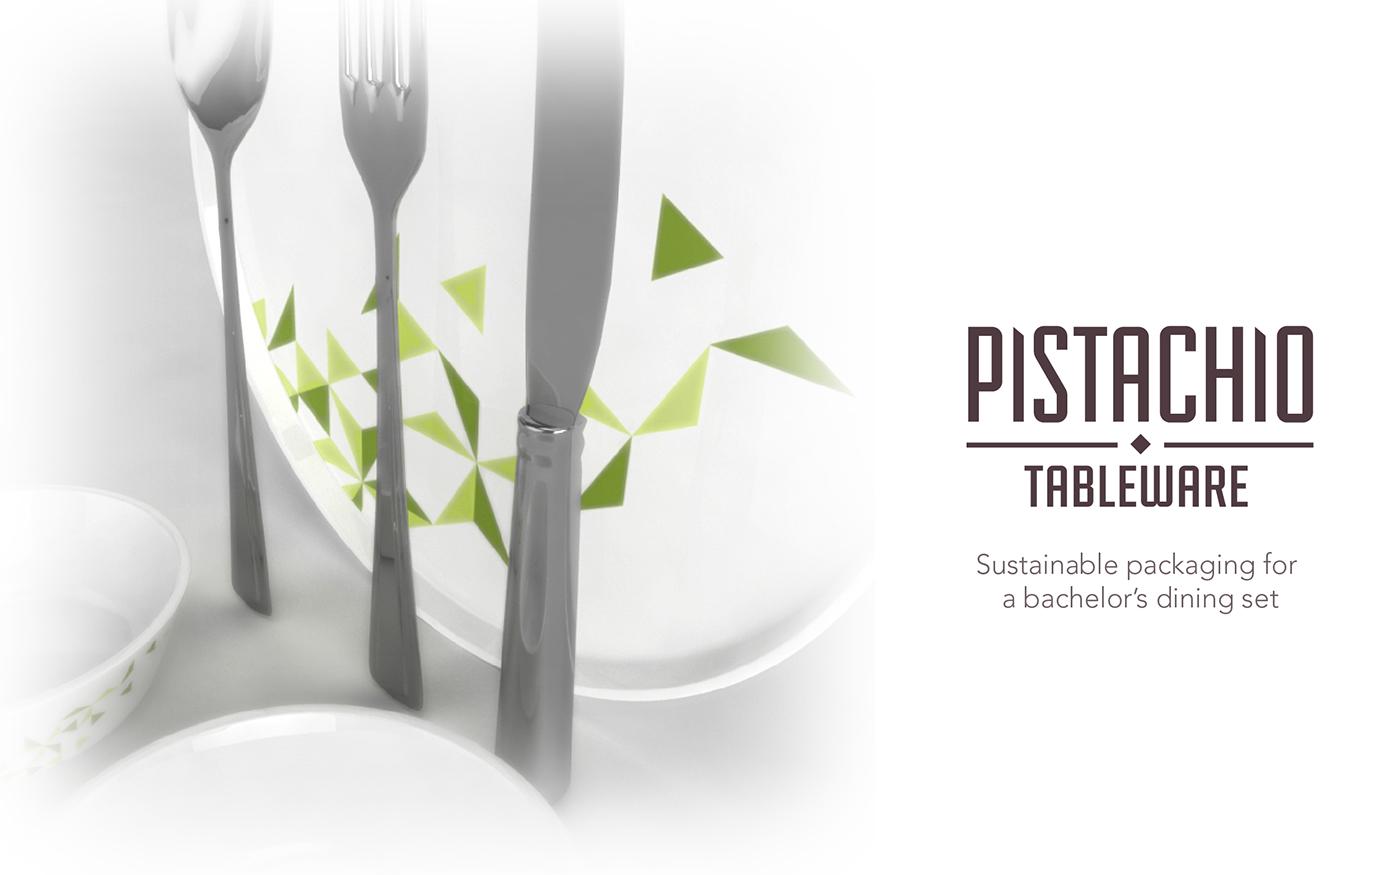 有獨特感的23套餐具包裝設計欣賞